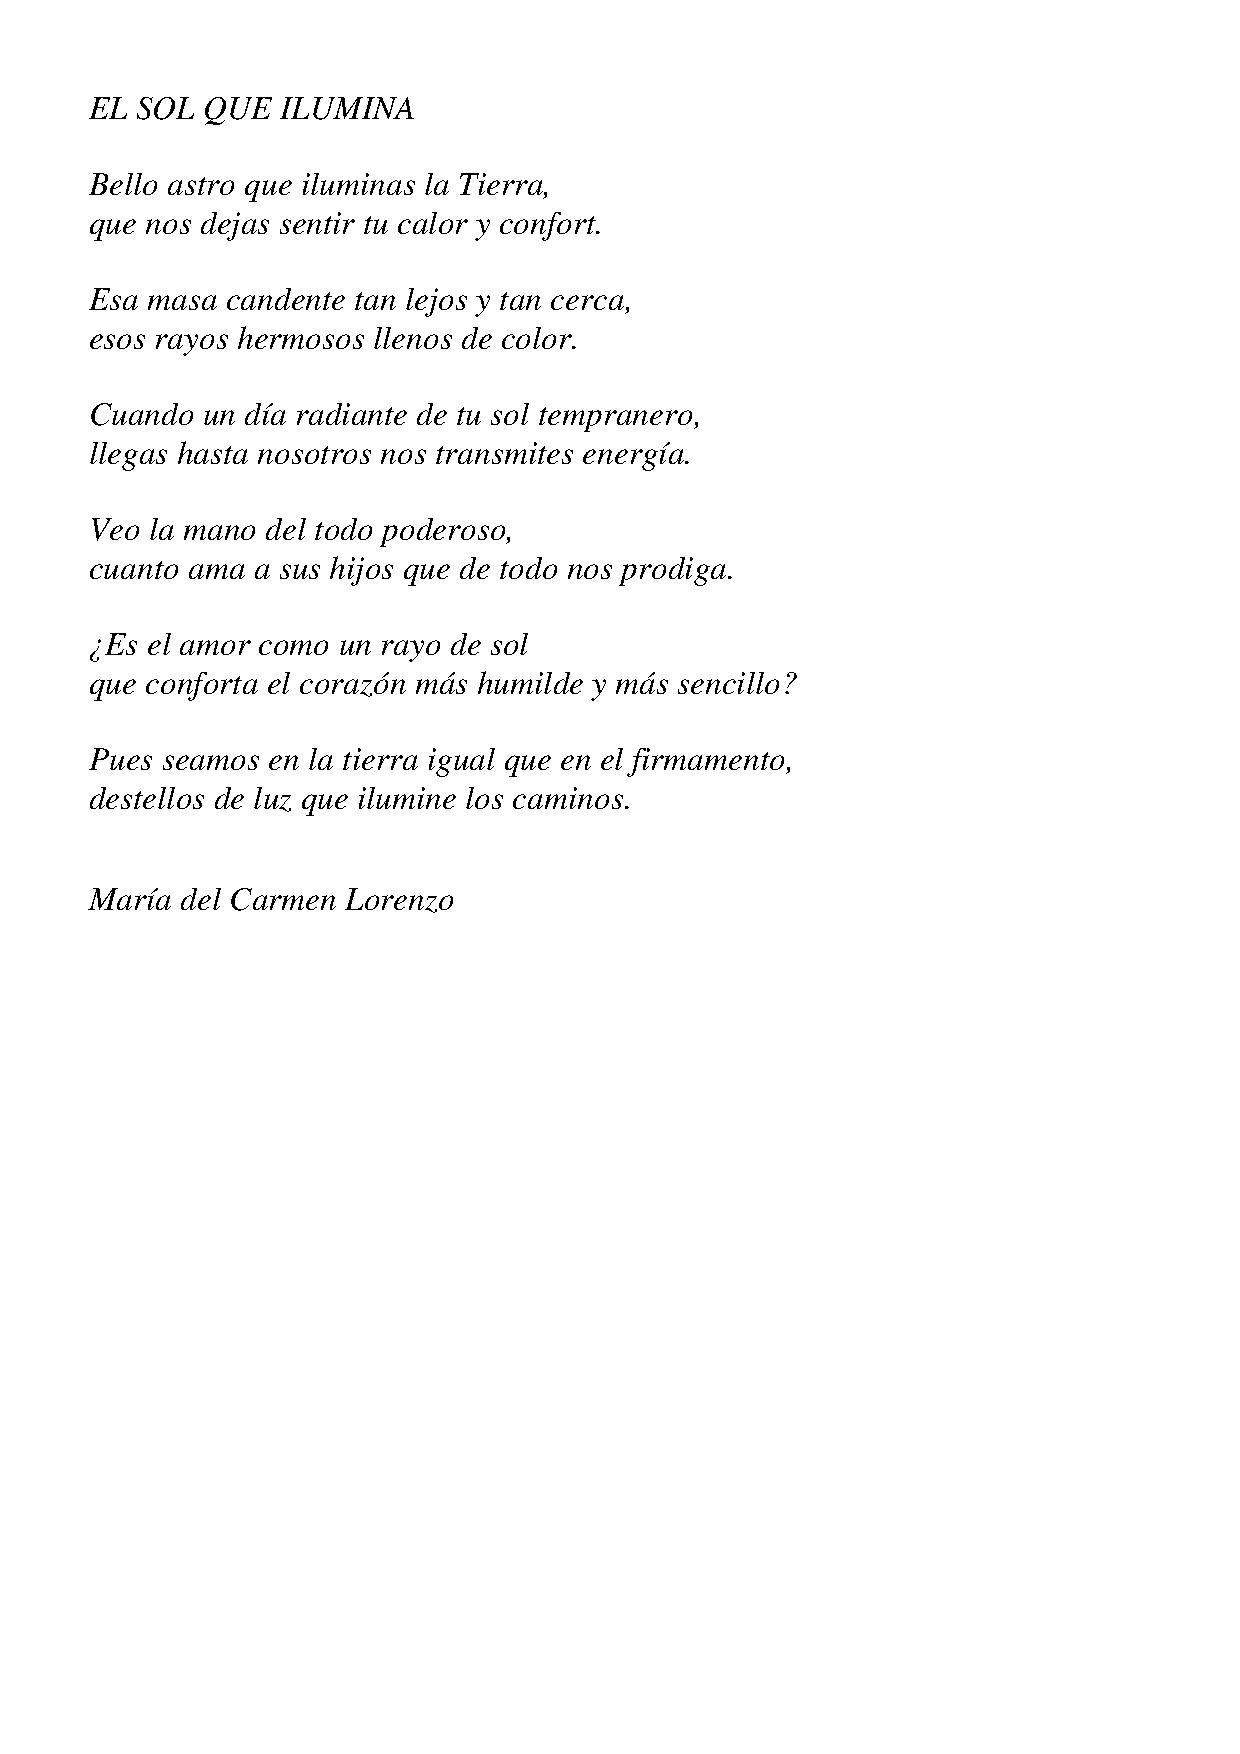 Textos_Poesias__selección_8.jpg